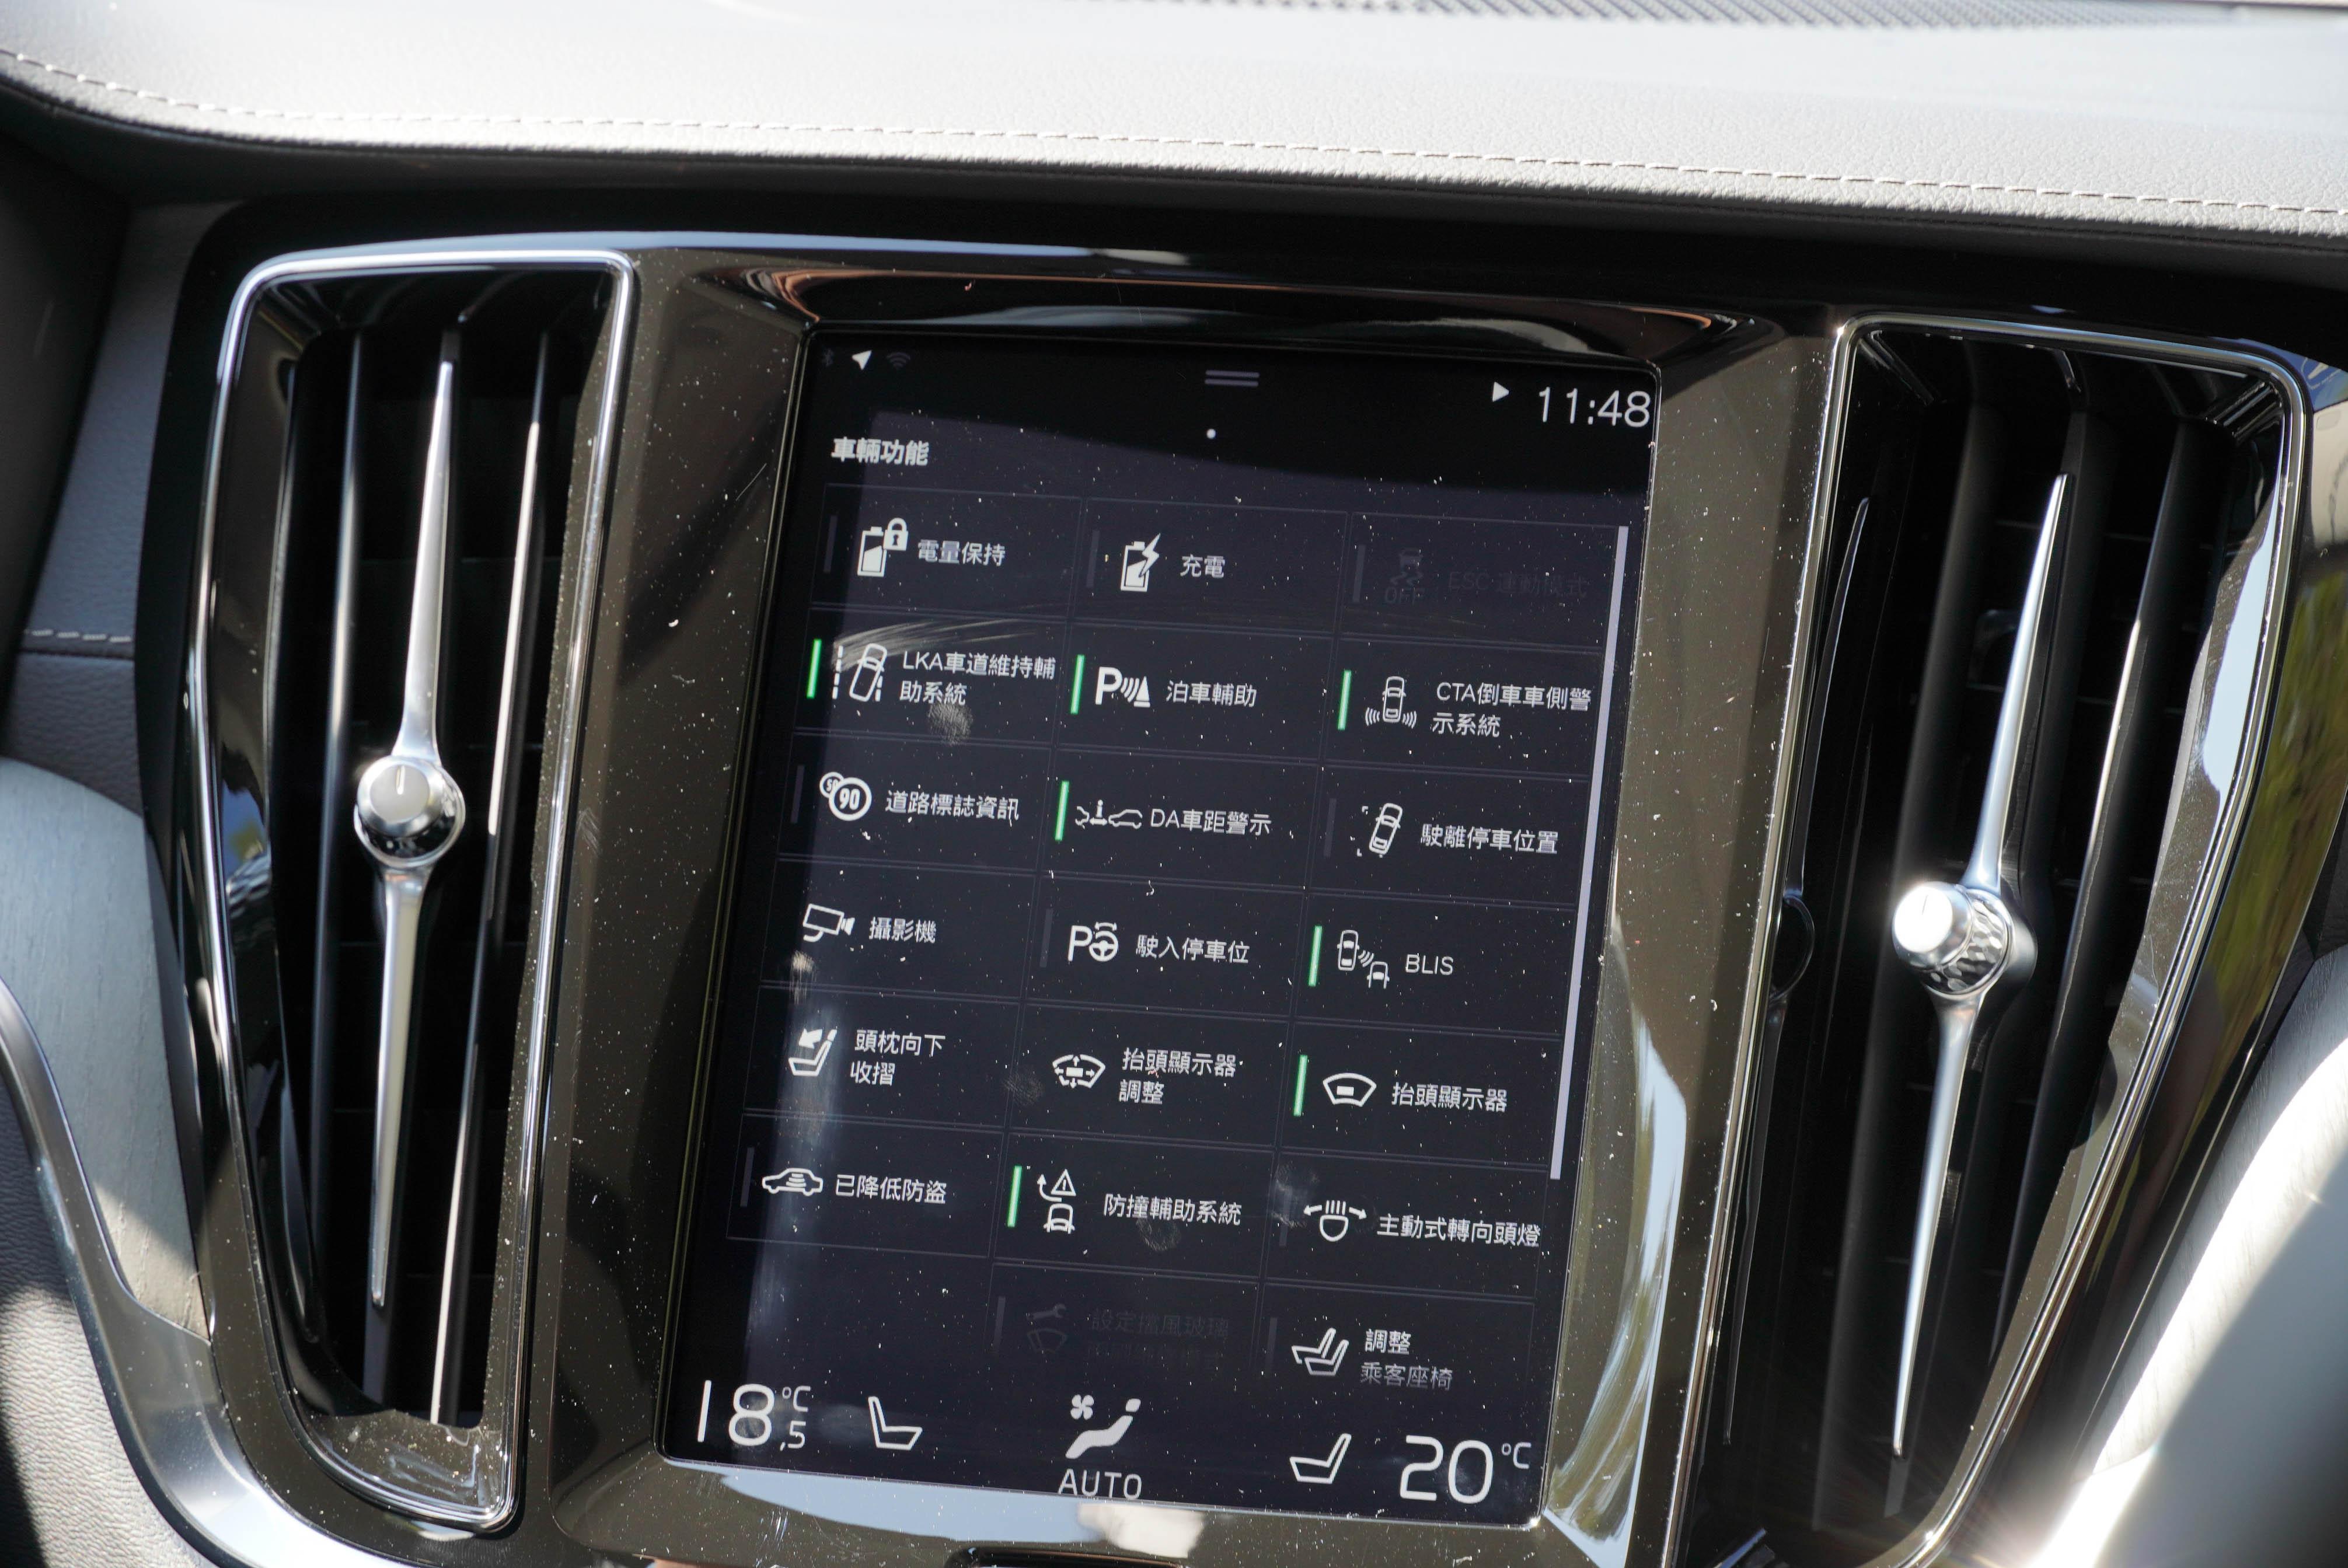 上排「電量保持」、「充電」方塊開啟時,可以全力為電池充電。PAII 智能駕駛輔助系統依然是 S60/V60 T6 Inscription 標配,包含 LKA 車道維持輔助系統,可搭配 ACC 主動車距控制巡航系統。